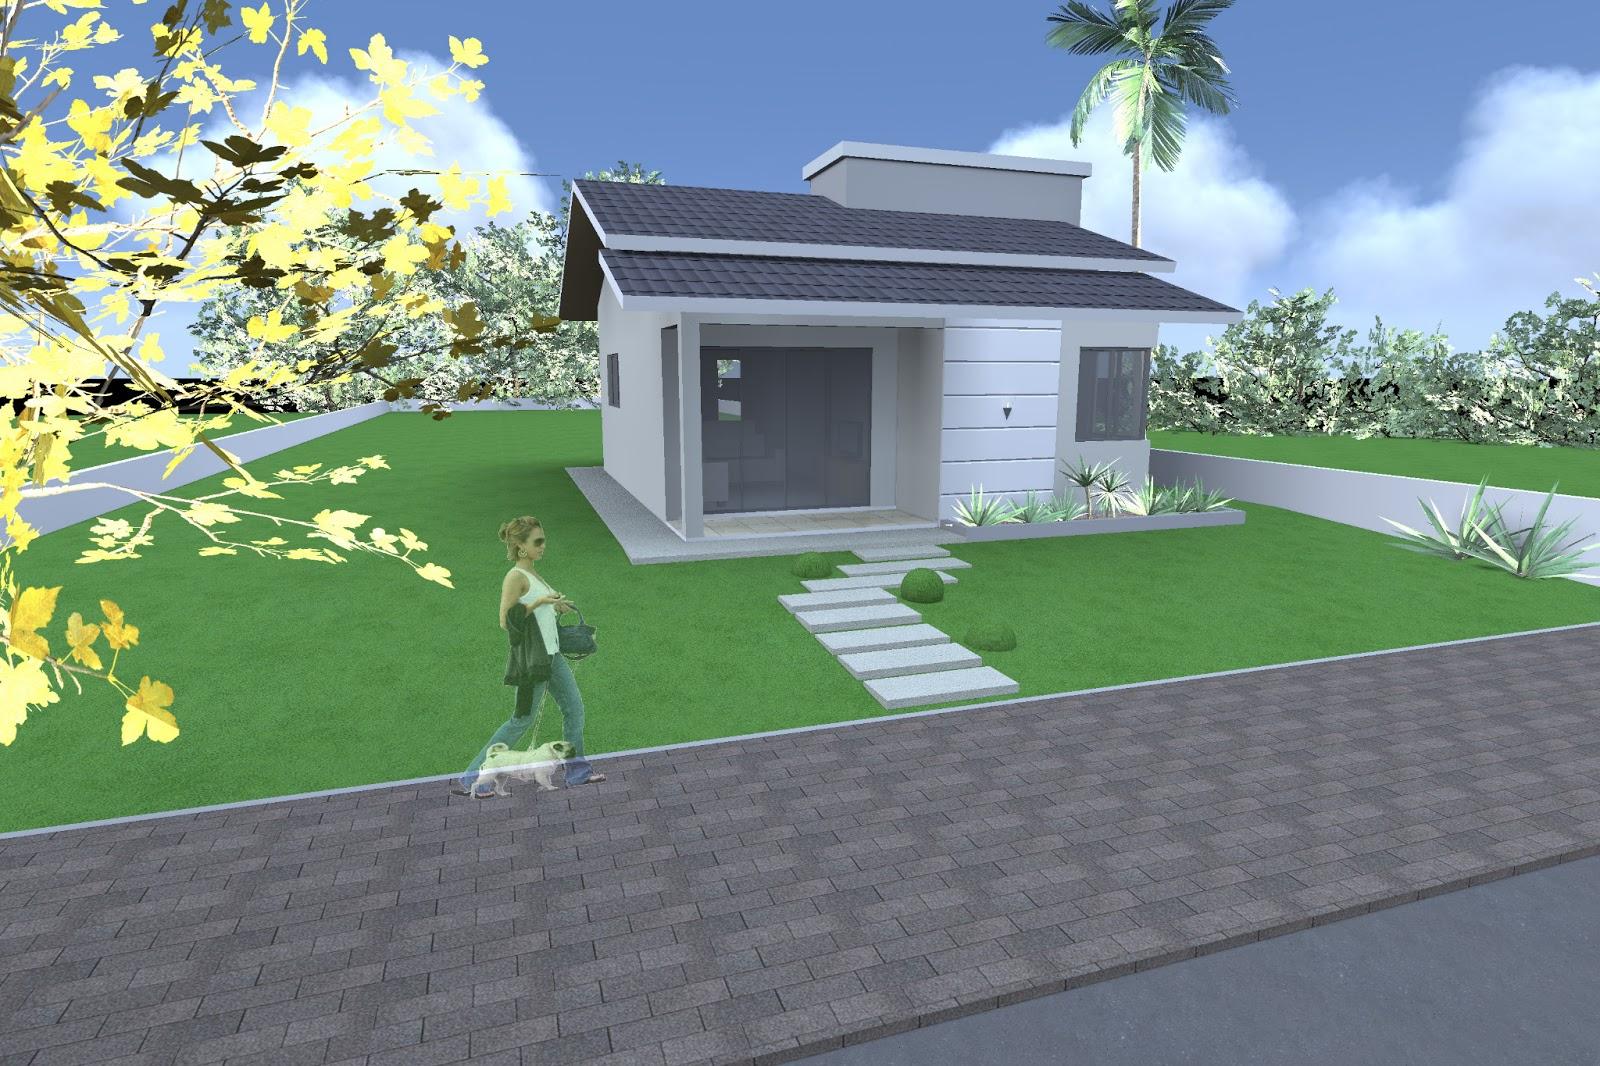 #A4A823  Urbanismo: Projetos para Minha Casa Minha Vida do Governo Federal 1600x1066 px Projeto Cozinha Comunitária Governo Federal_4147 Imagens